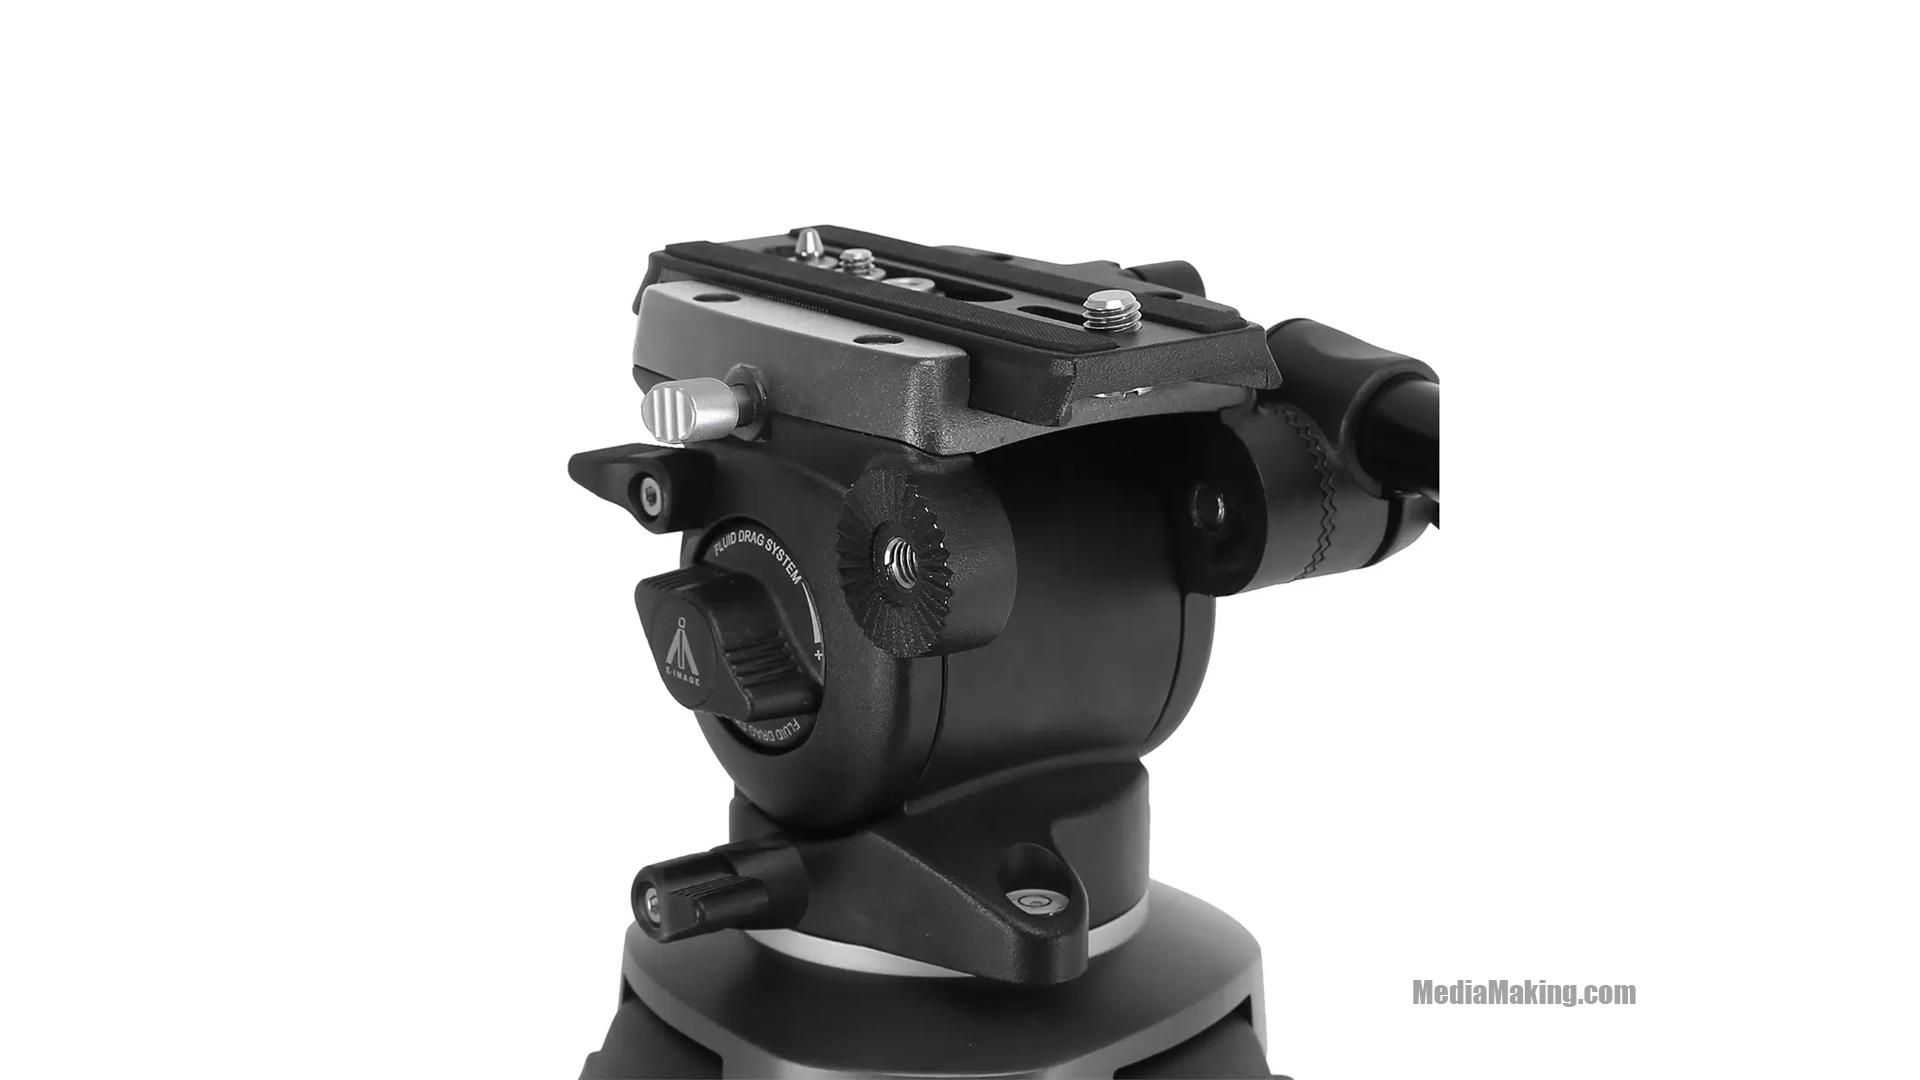 Testa-video-fluida-EH630-con-coppa-75mm-per-dolly-slider-e-cavalletti-con-portata-massima-fino-a-5-kg-03